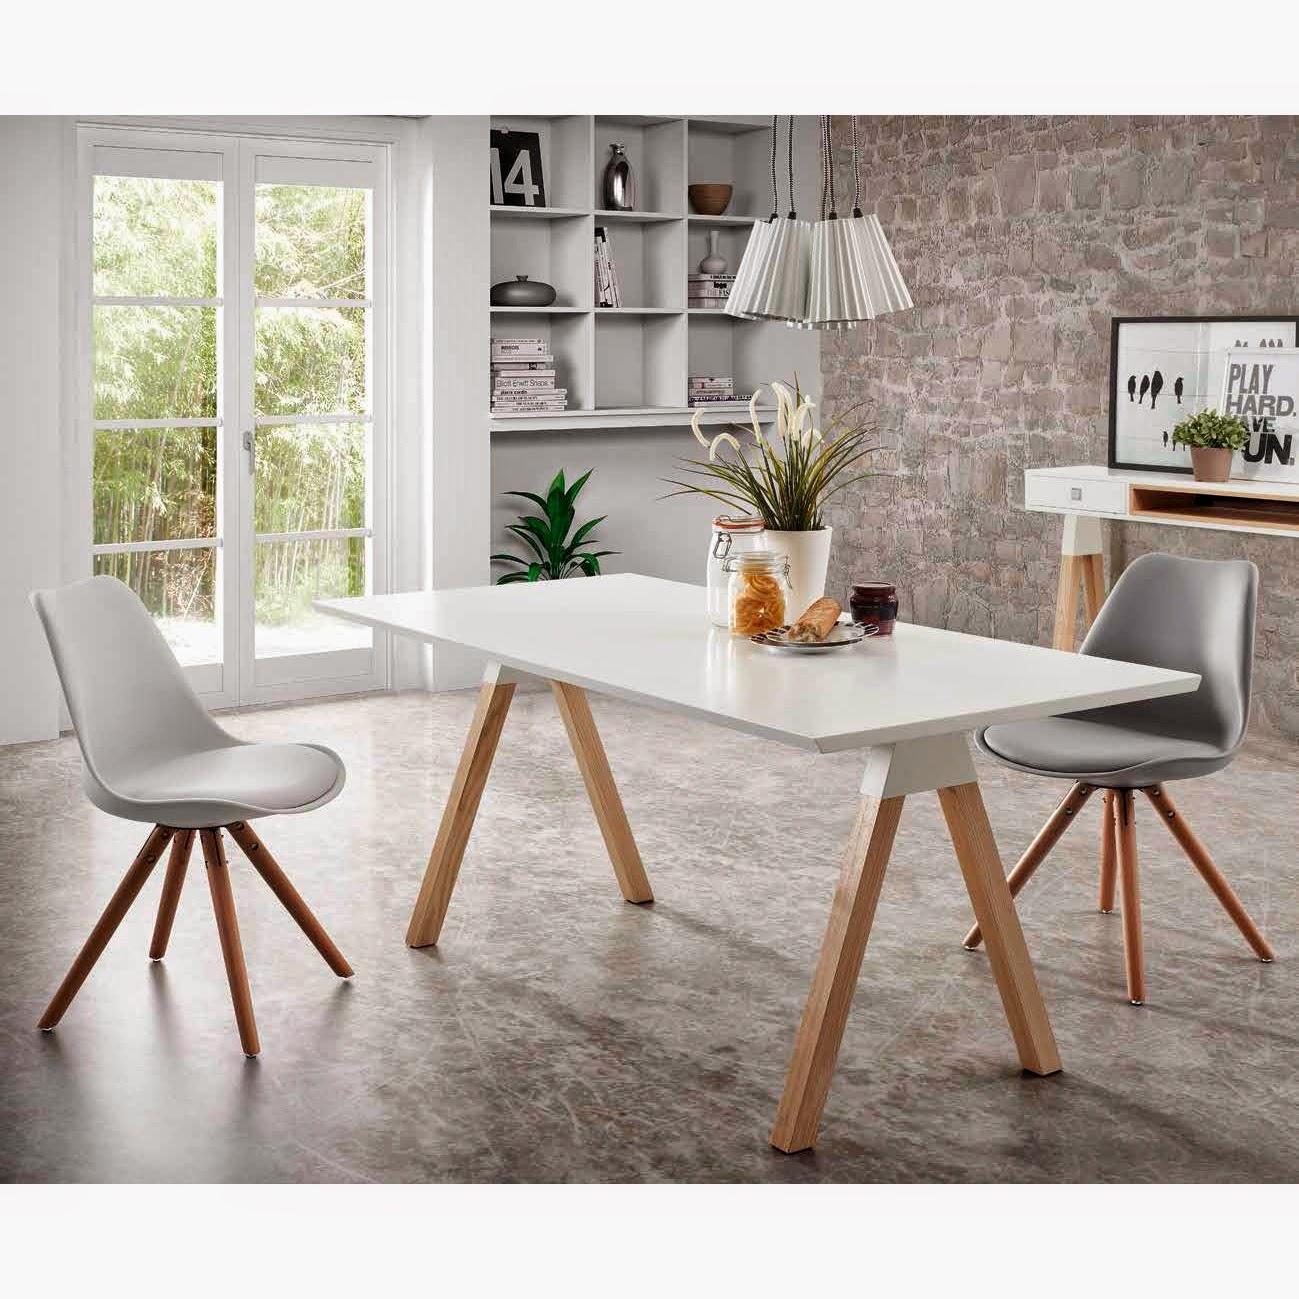 Muebles de comedor lamparas para renovar el comedor for Muebles para comedor